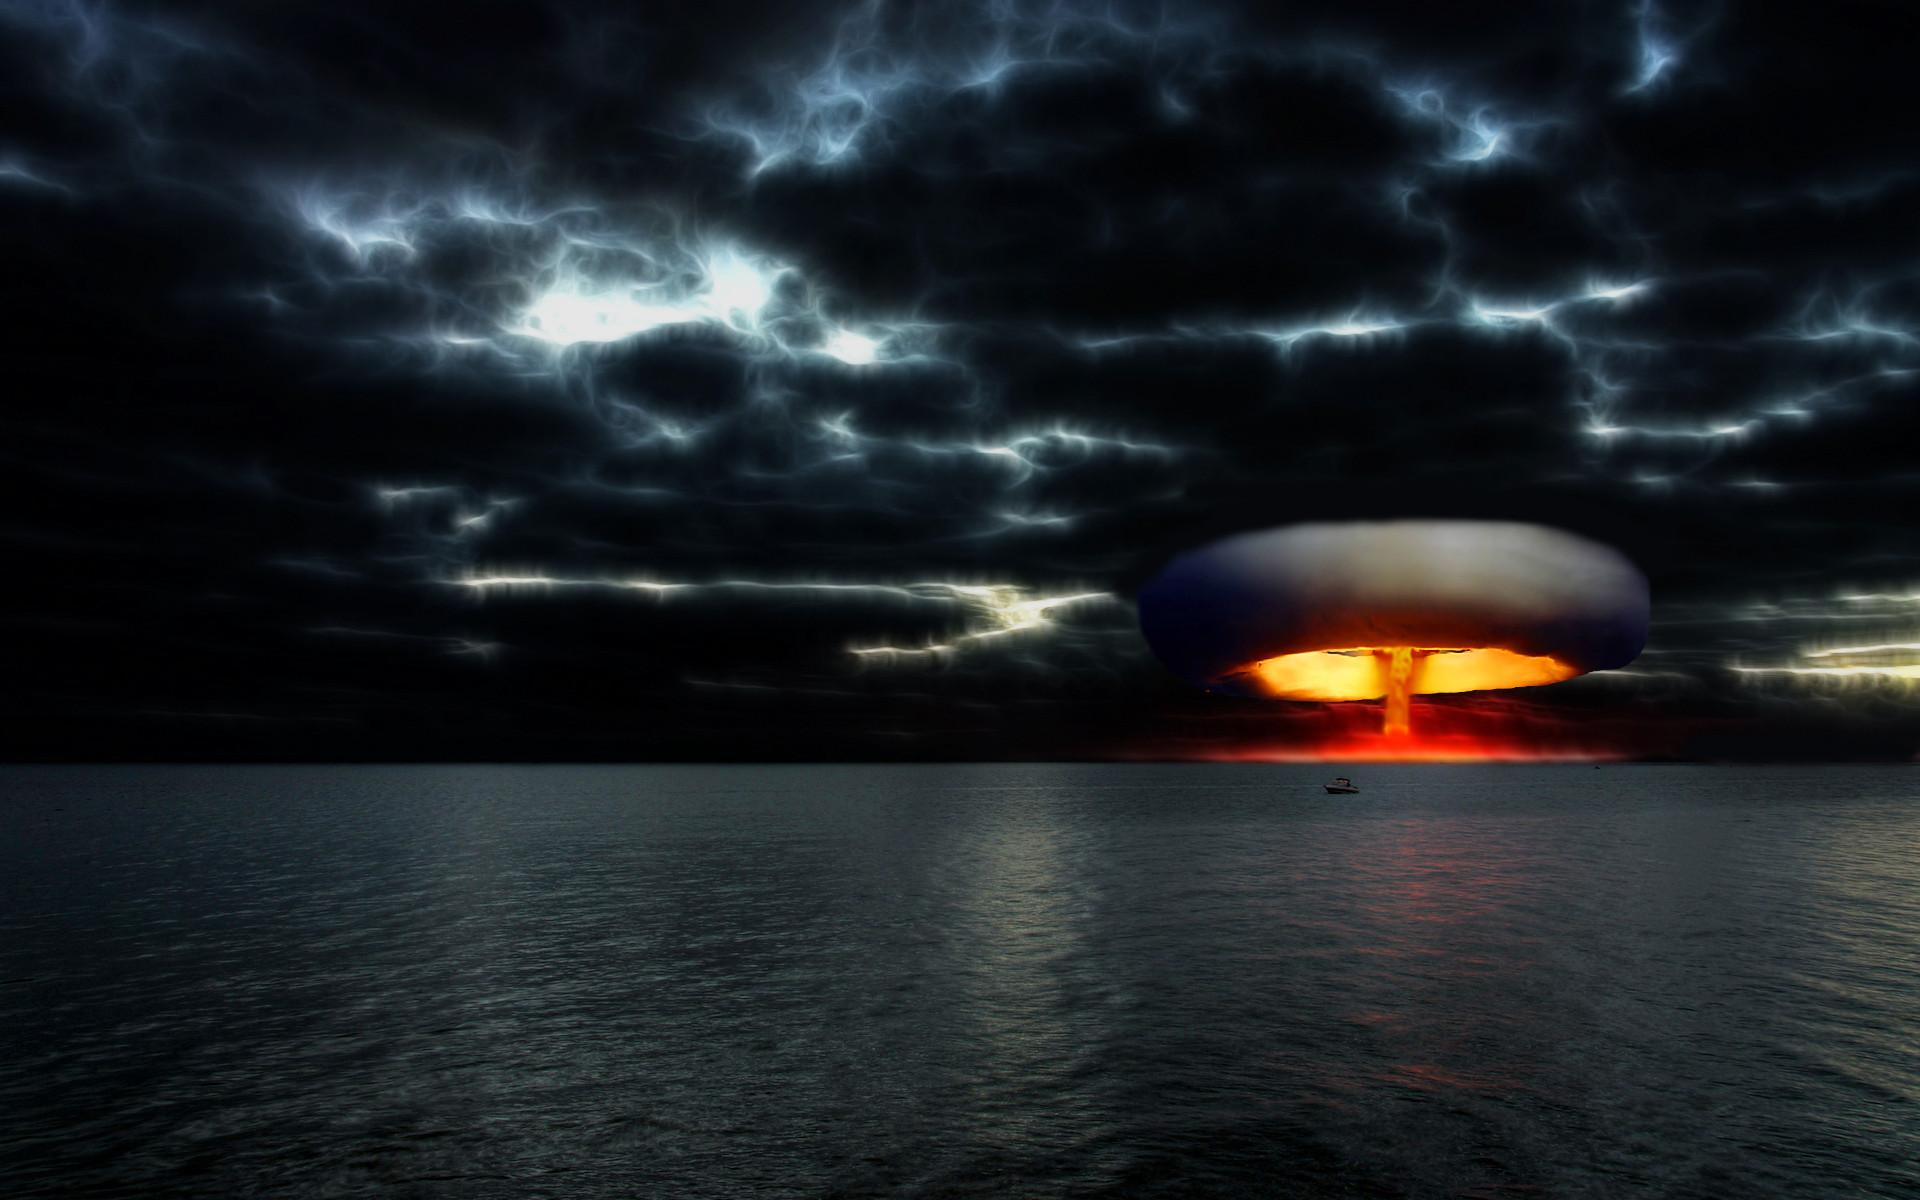 Atomic Bomb Wallpaper Hd Wallpapersafari HD Wallpapers Download Free Images Wallpaper [1000image.com]